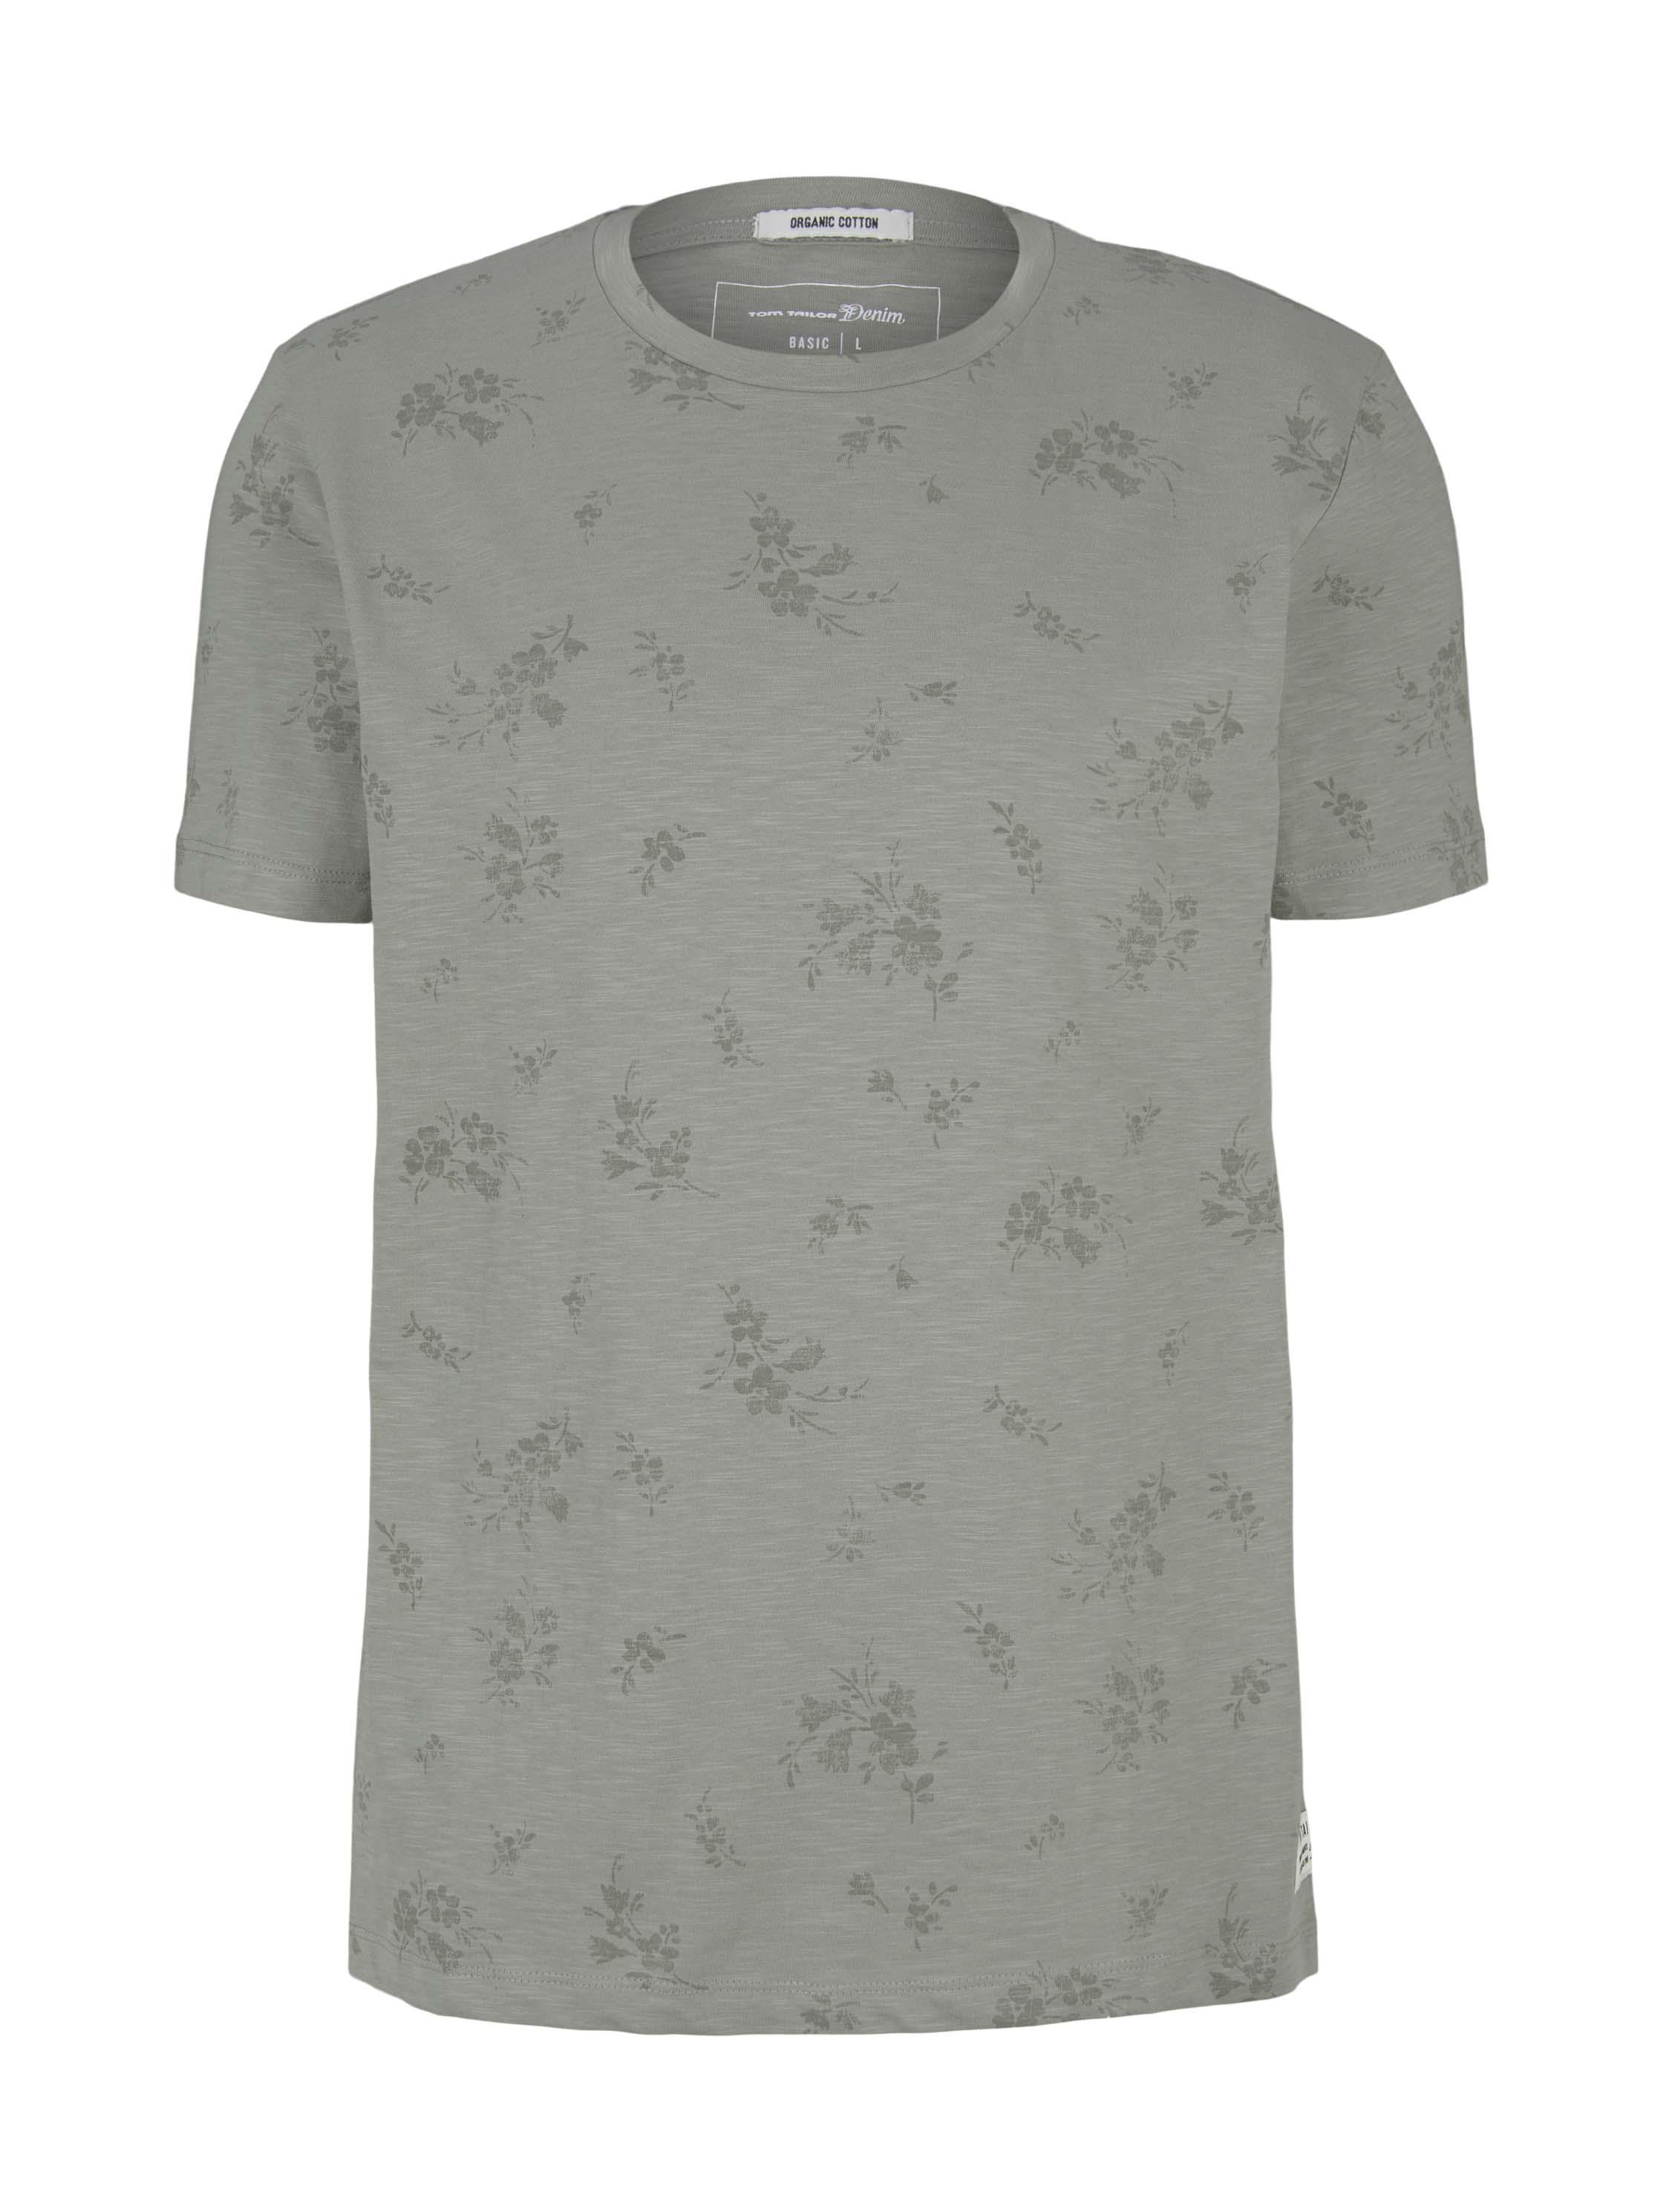 alloverprinted T-shirt, olive shredded flower print